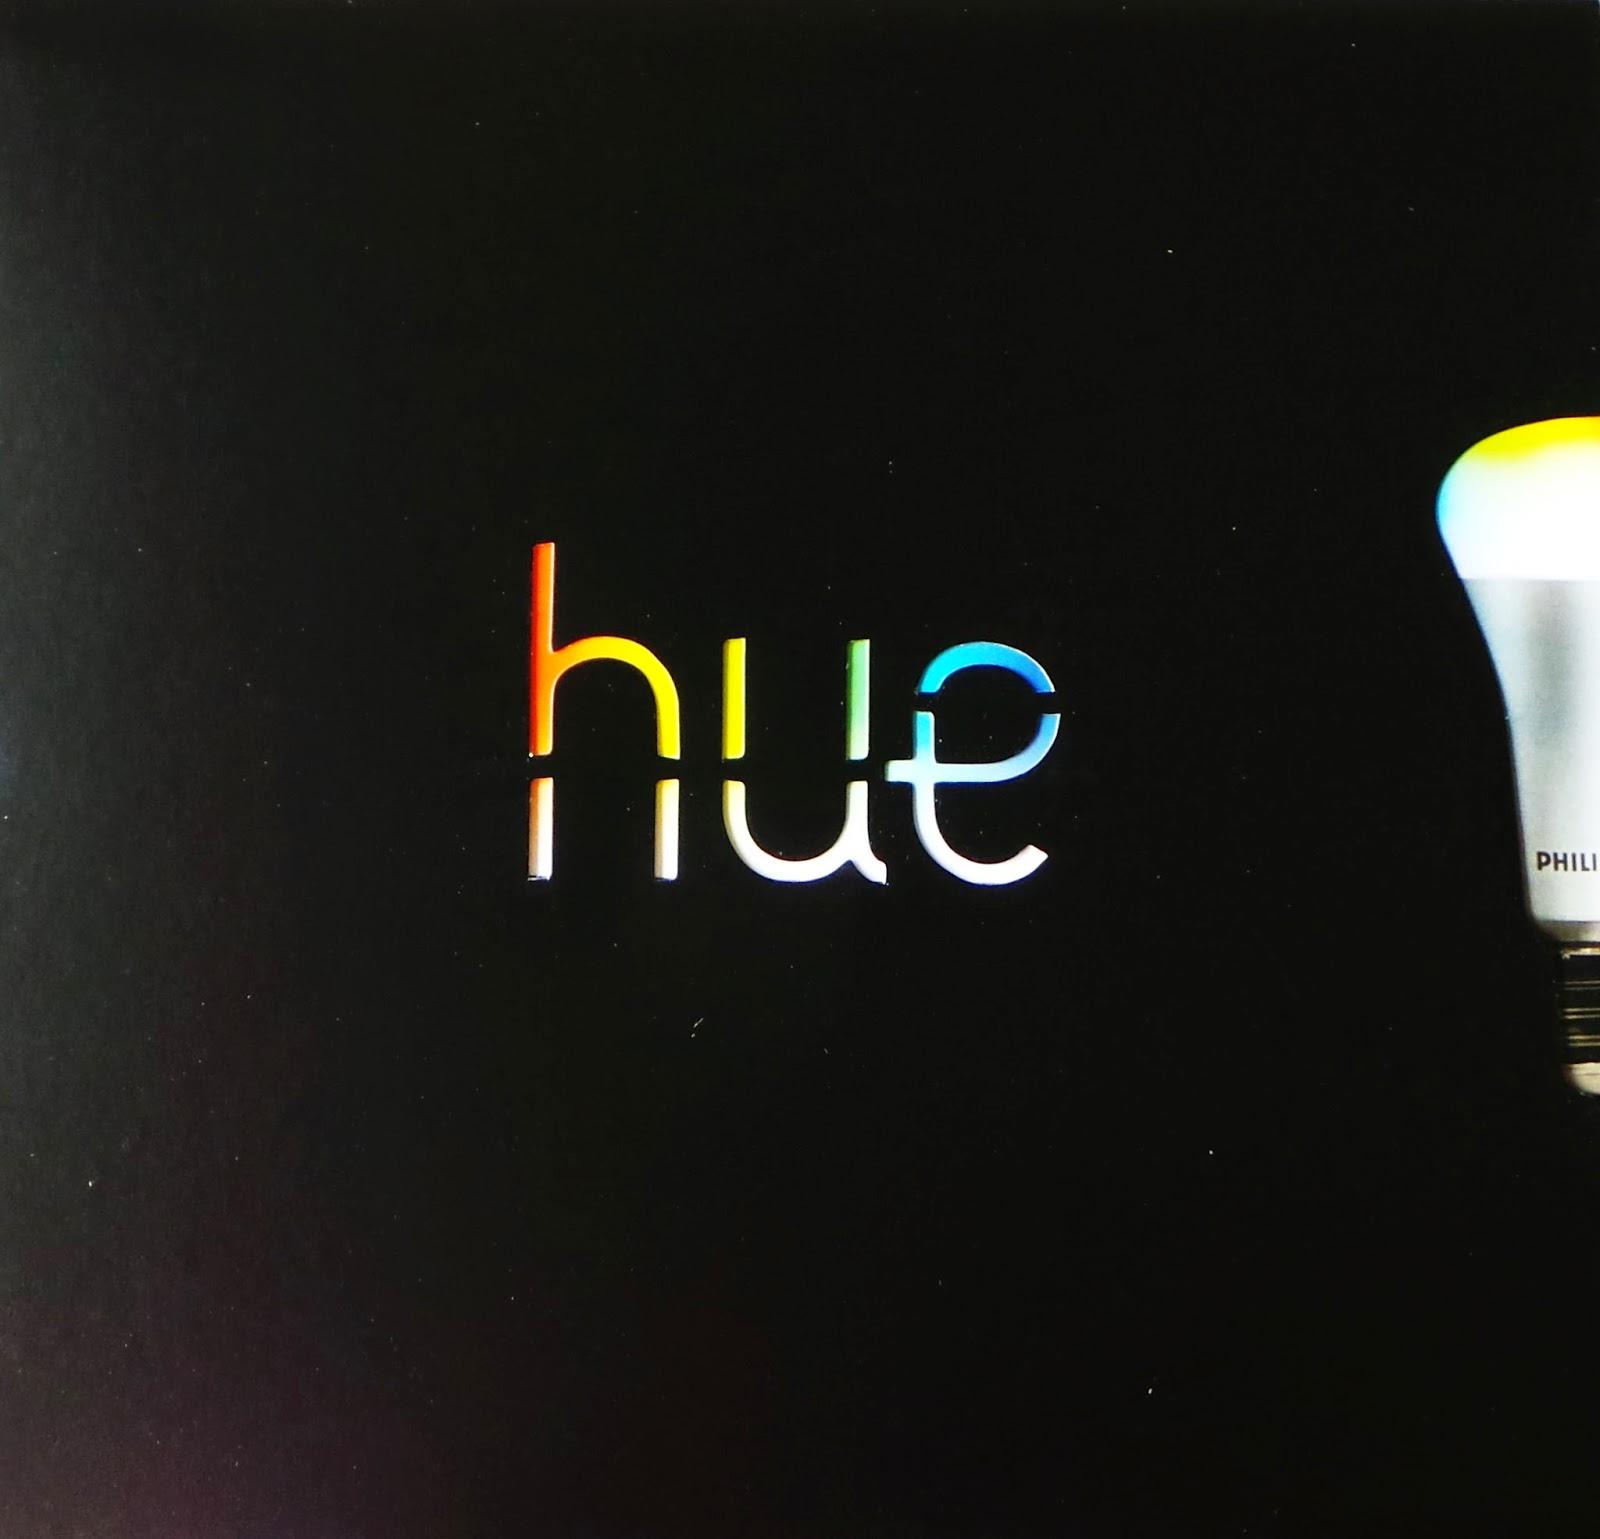 josefine 21 test blog philips hue die neue art der heimbeleuchtung. Black Bedroom Furniture Sets. Home Design Ideas